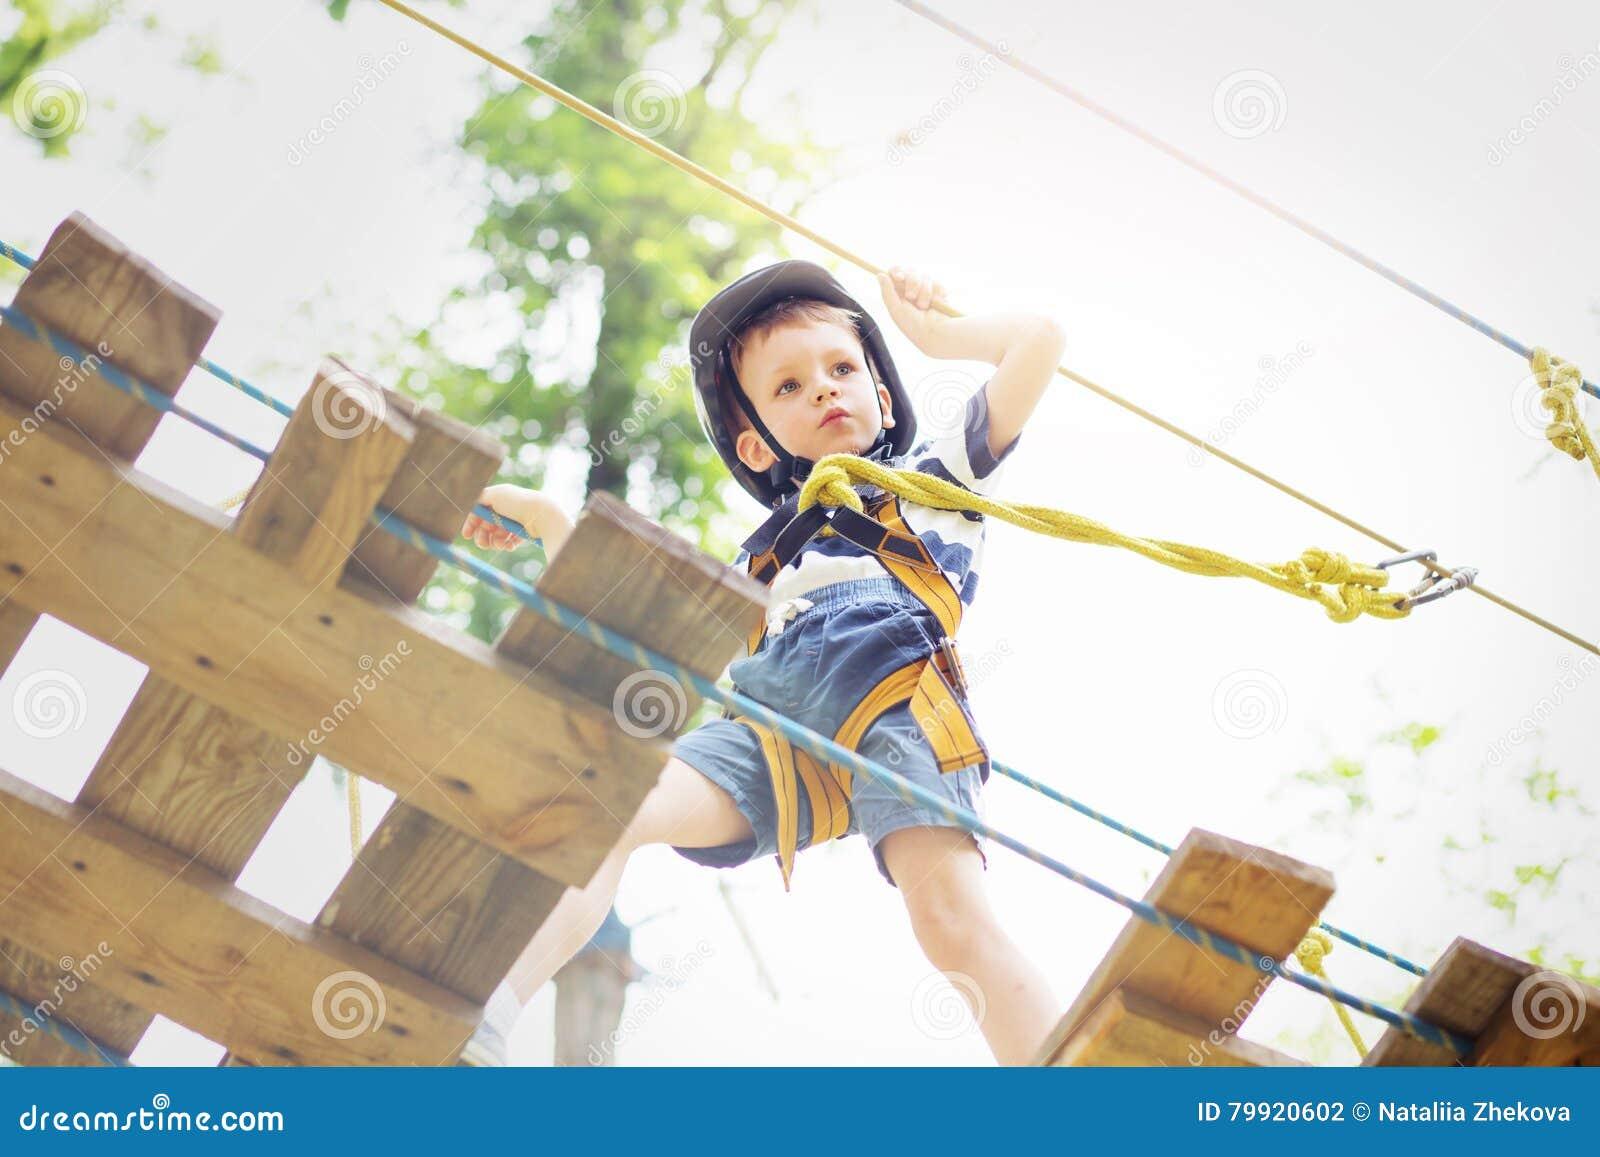 Enfants s élevant en parc d aventure Le garçon a plaisir à s élever dans la corde